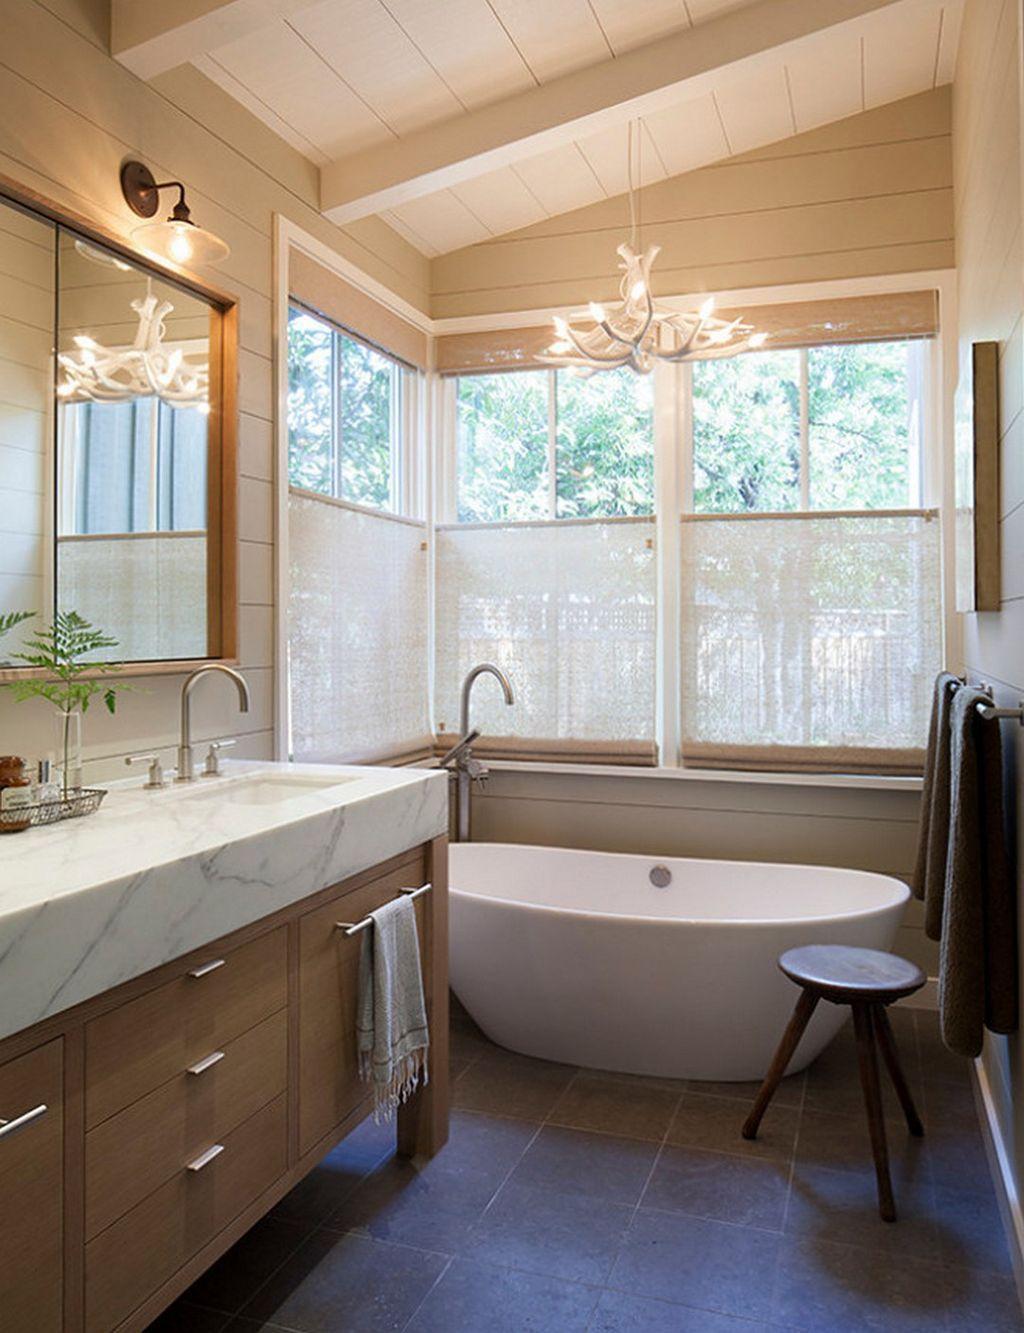 modern farmhouse bathroom remodel ideas 68 simple on bathroom renovation ideas modern id=74865